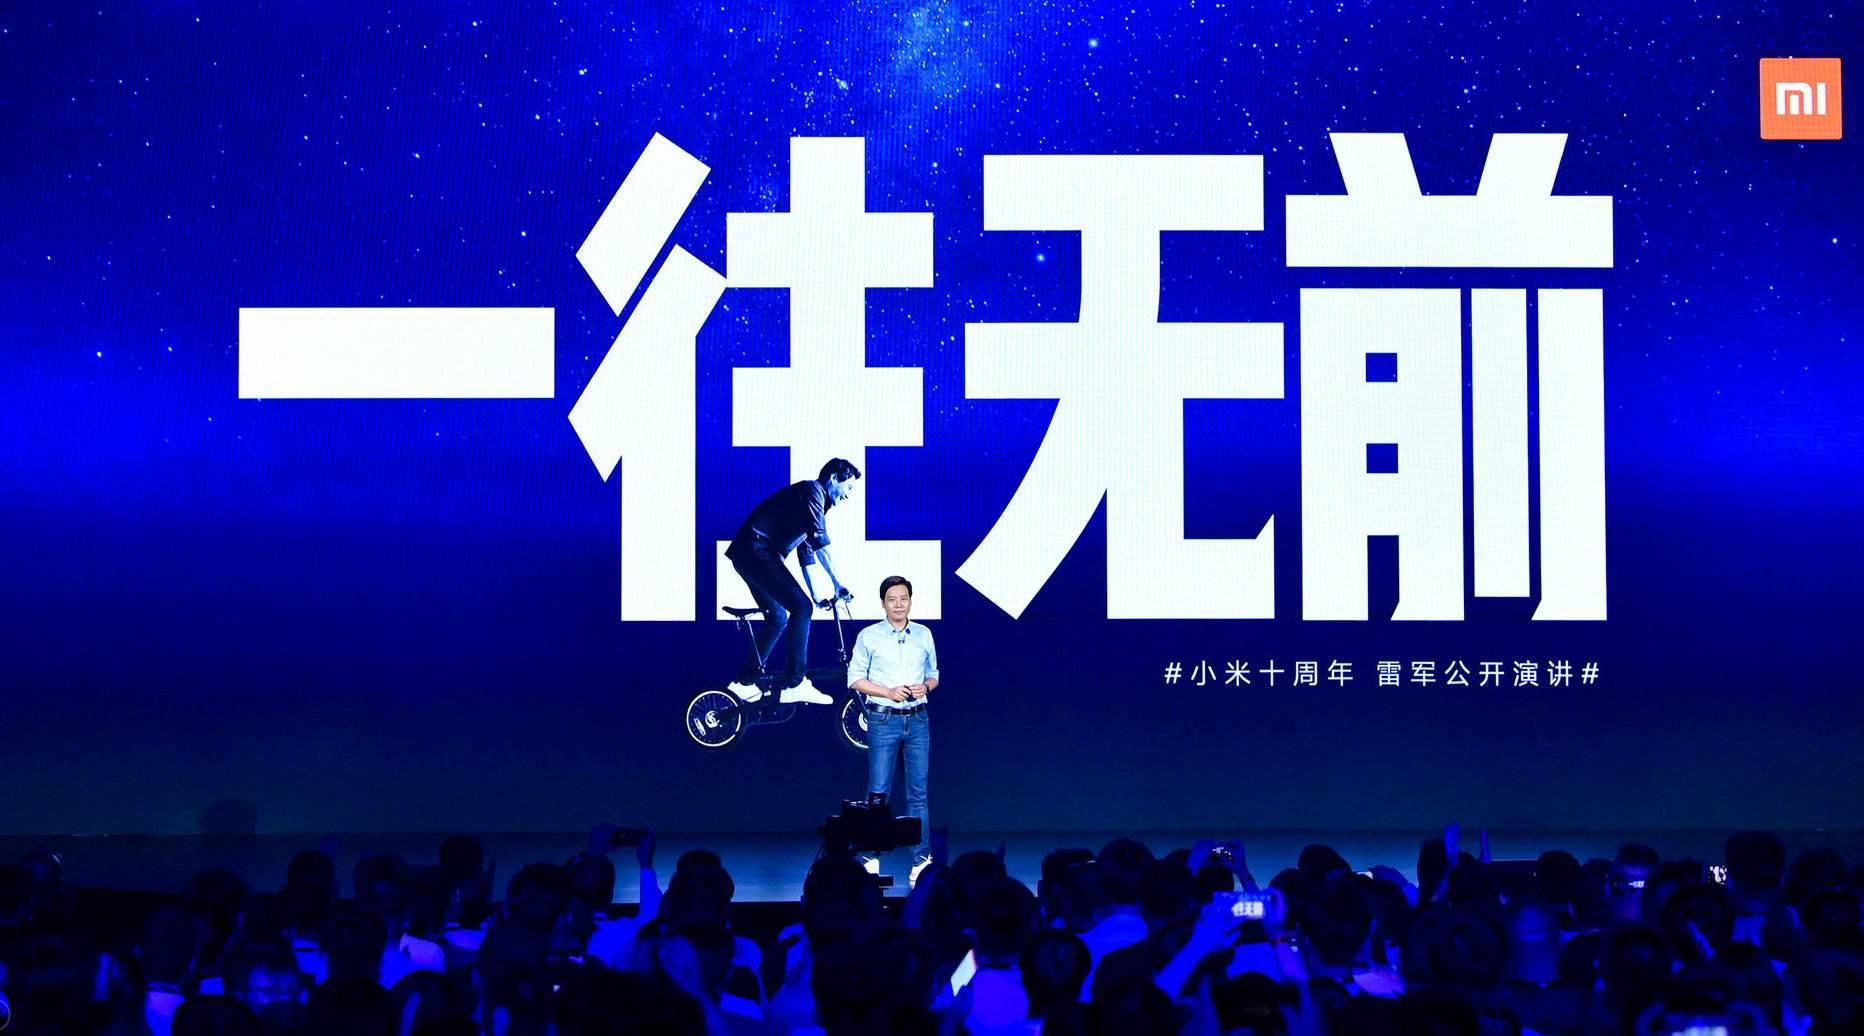 从前线转为幕后,杨柘在小米的短暂工作是失败的吗?雷军:非也